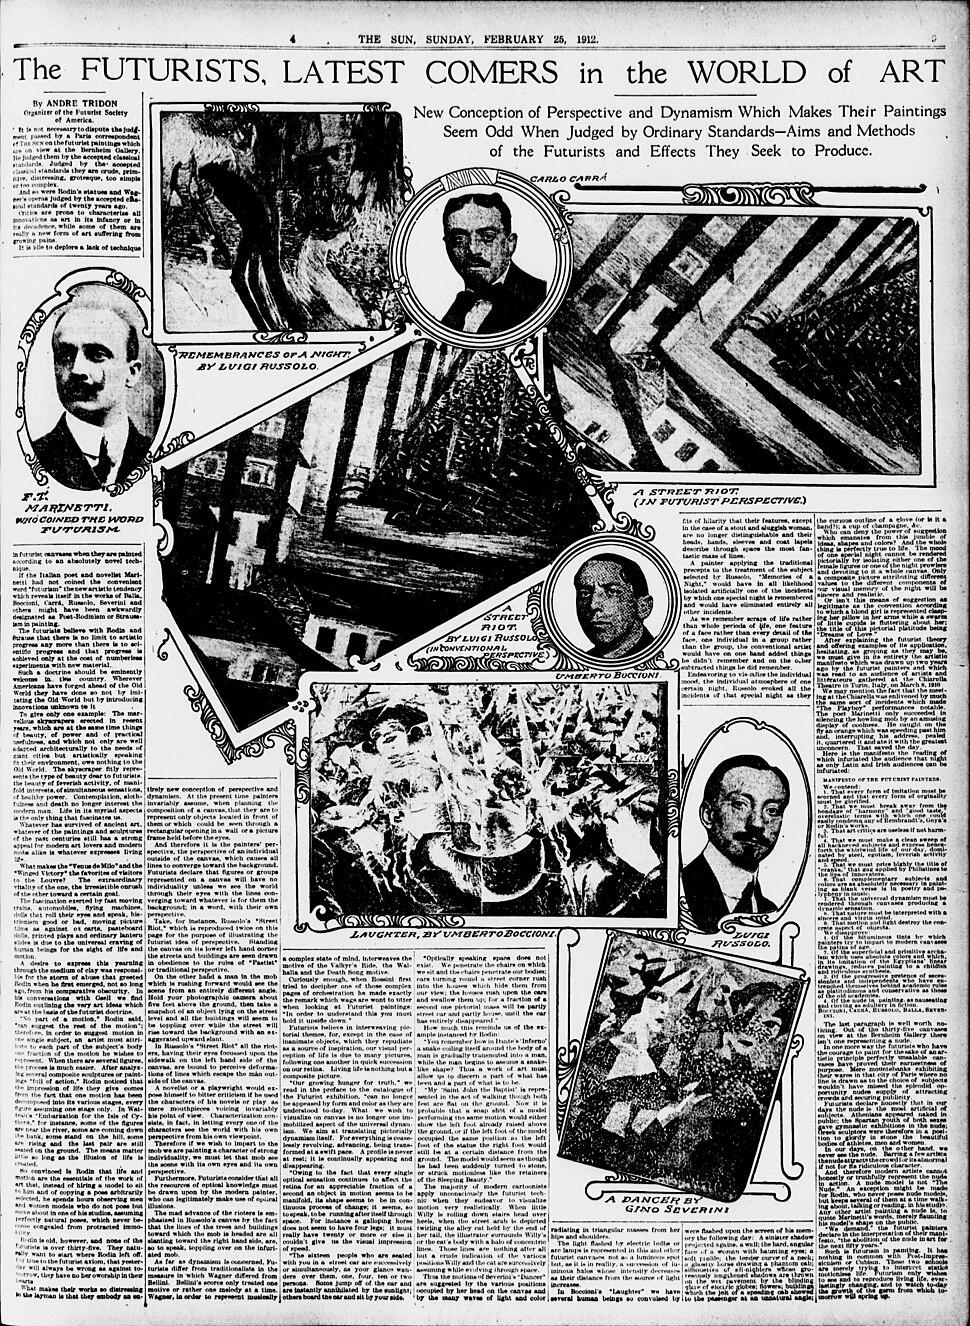 Luigi Russolo, Carlo Carrà, Filippo Tommaso Marinetti, Umberto Boccioni, Gino Severini, The Sun, 25 February 1912